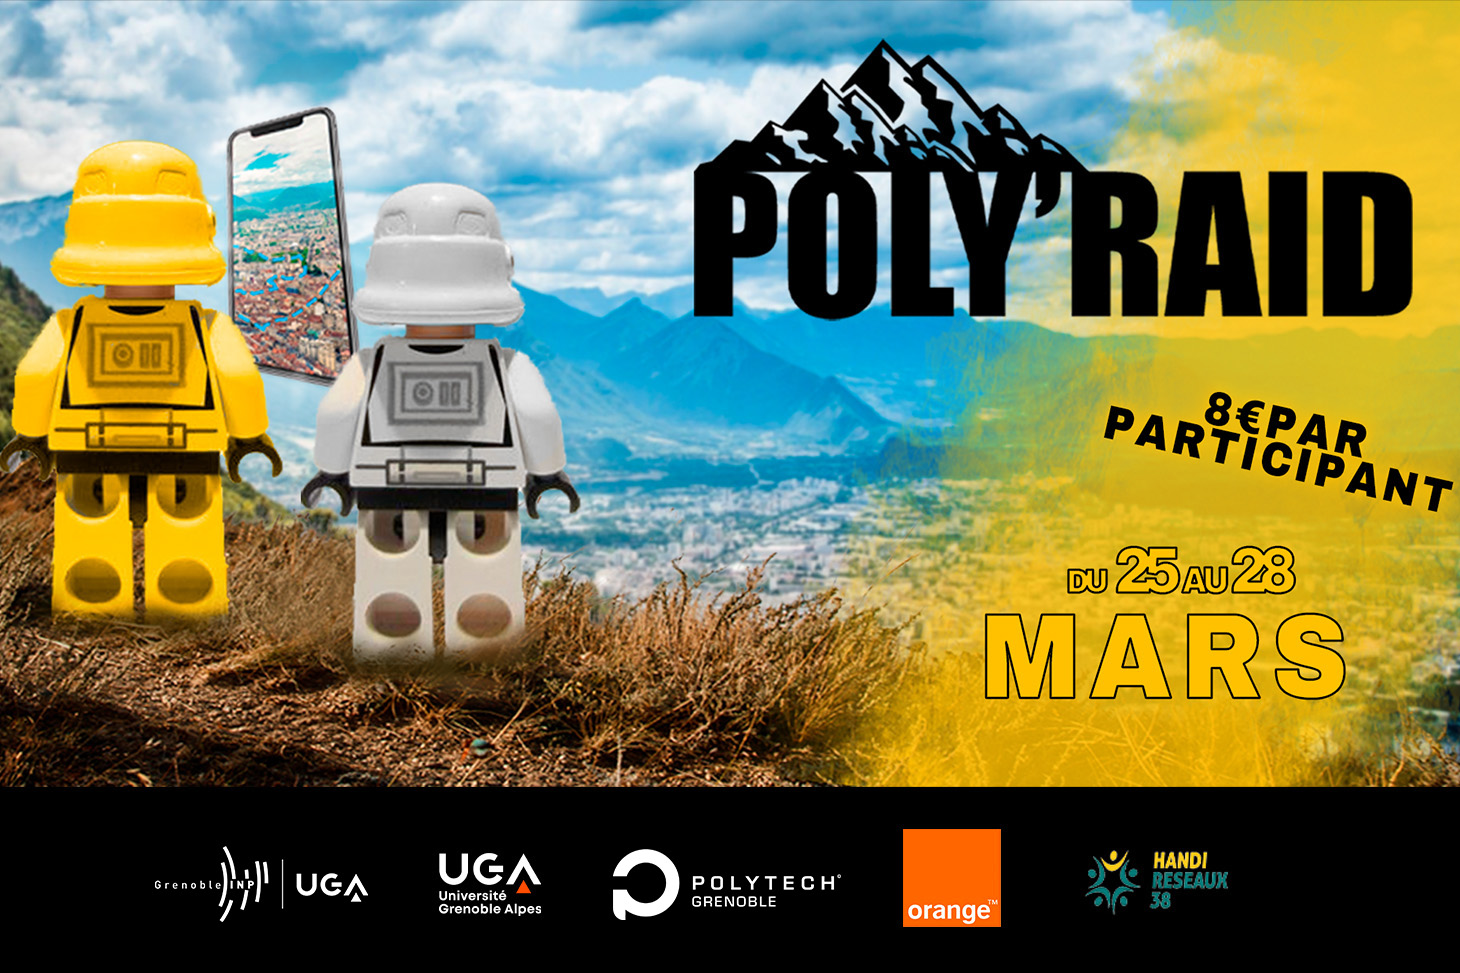 polyraid-21